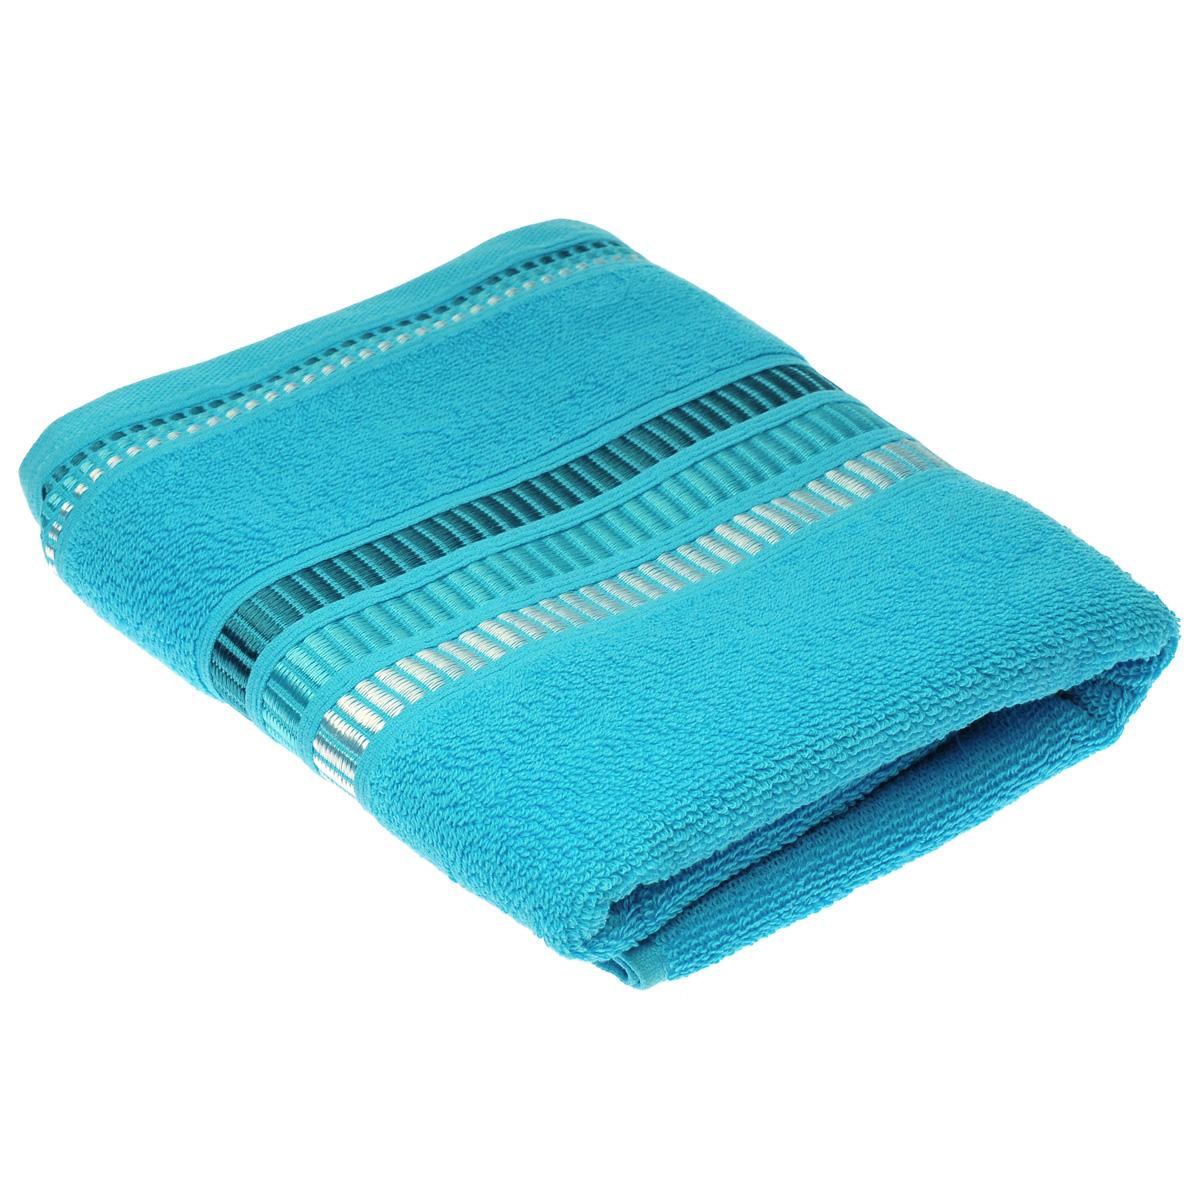 Полотенце махровое Coronet Пиано, цвет: бирюзовый, 50 см х 90 смCLP446Махровое полотенце Coronet Пиано, изготовленное из натурального хлопка, подарит массу положительных эмоций и приятных ощущений. Полотенце отличается нежностью и мягкостью материала, утонченным дизайном и превосходным качеством. Оно прекрасно впитывает влагу, быстро сохнет и не теряет своих свойств после многократных стирок. Махровое полотенце Coronet Пиано станет достойным выбором для вас и приятным подарком для ваших близких. Мягкость и высокое качество материала, из которого изготовлены полотенца не оставит вас равнодушными.